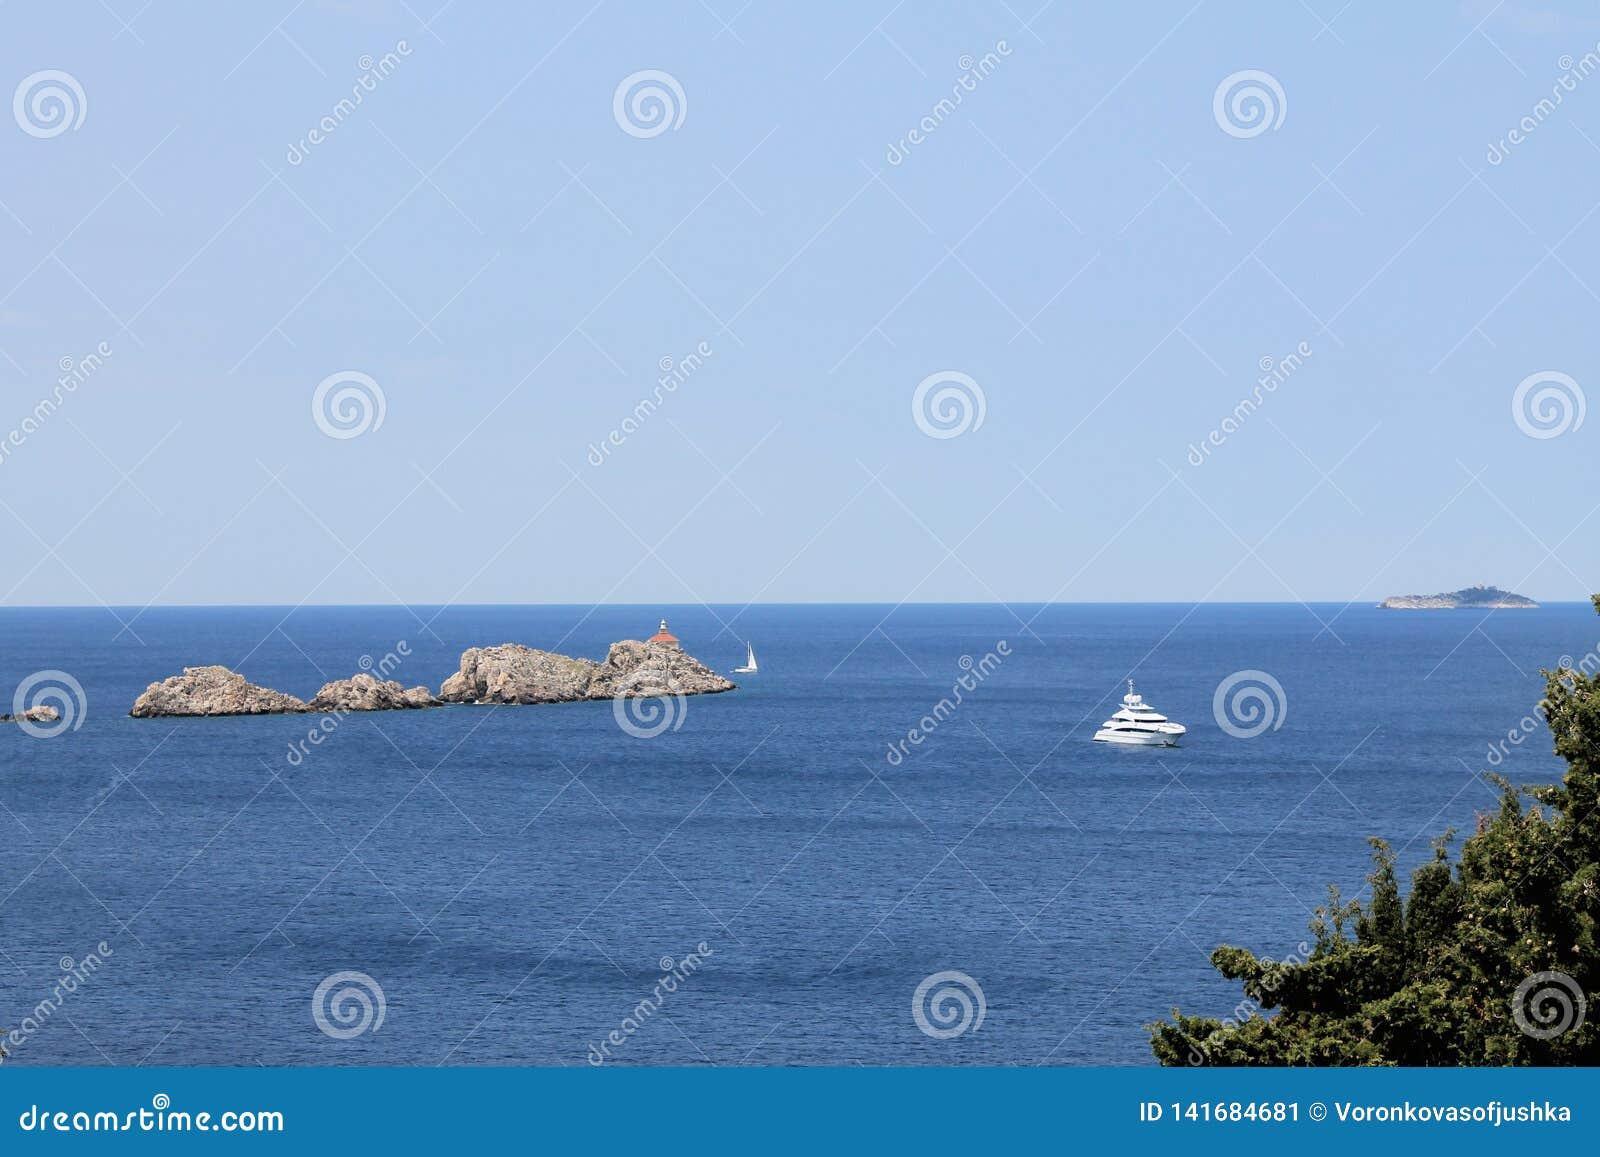 Vista del mar adriático en la península de Lapad de Croacia